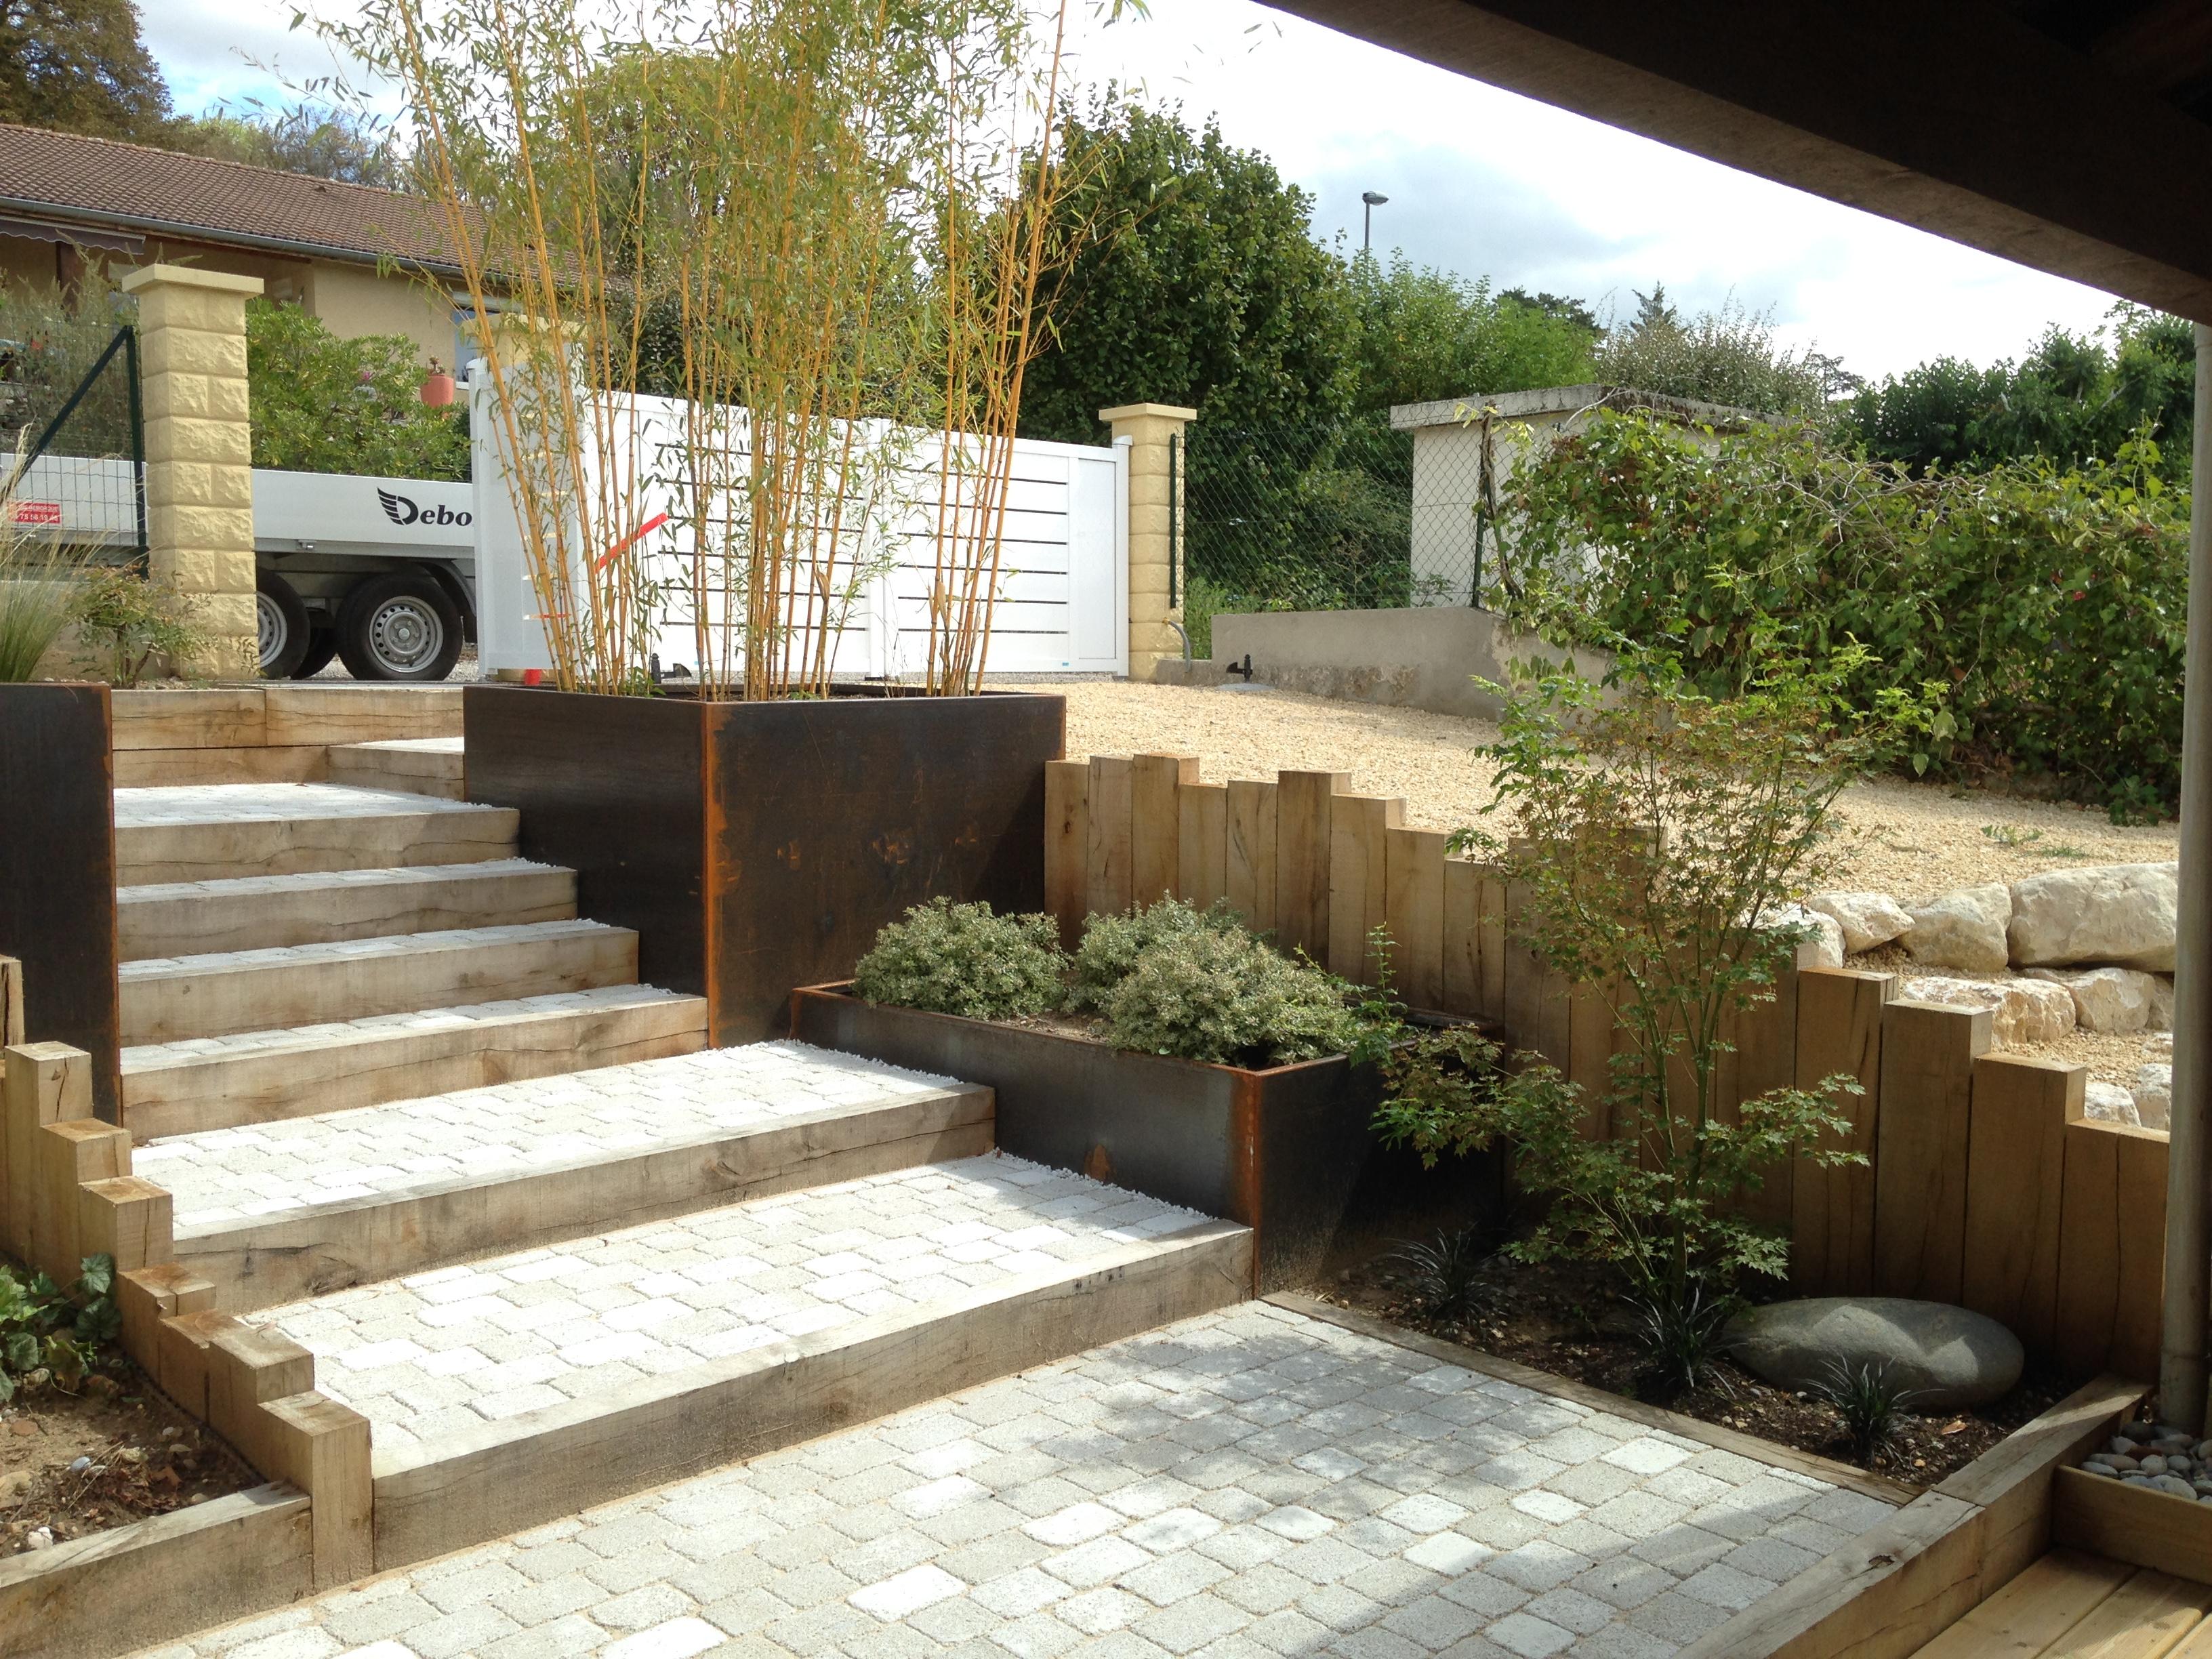 escaliers pavés et poutres en chêne